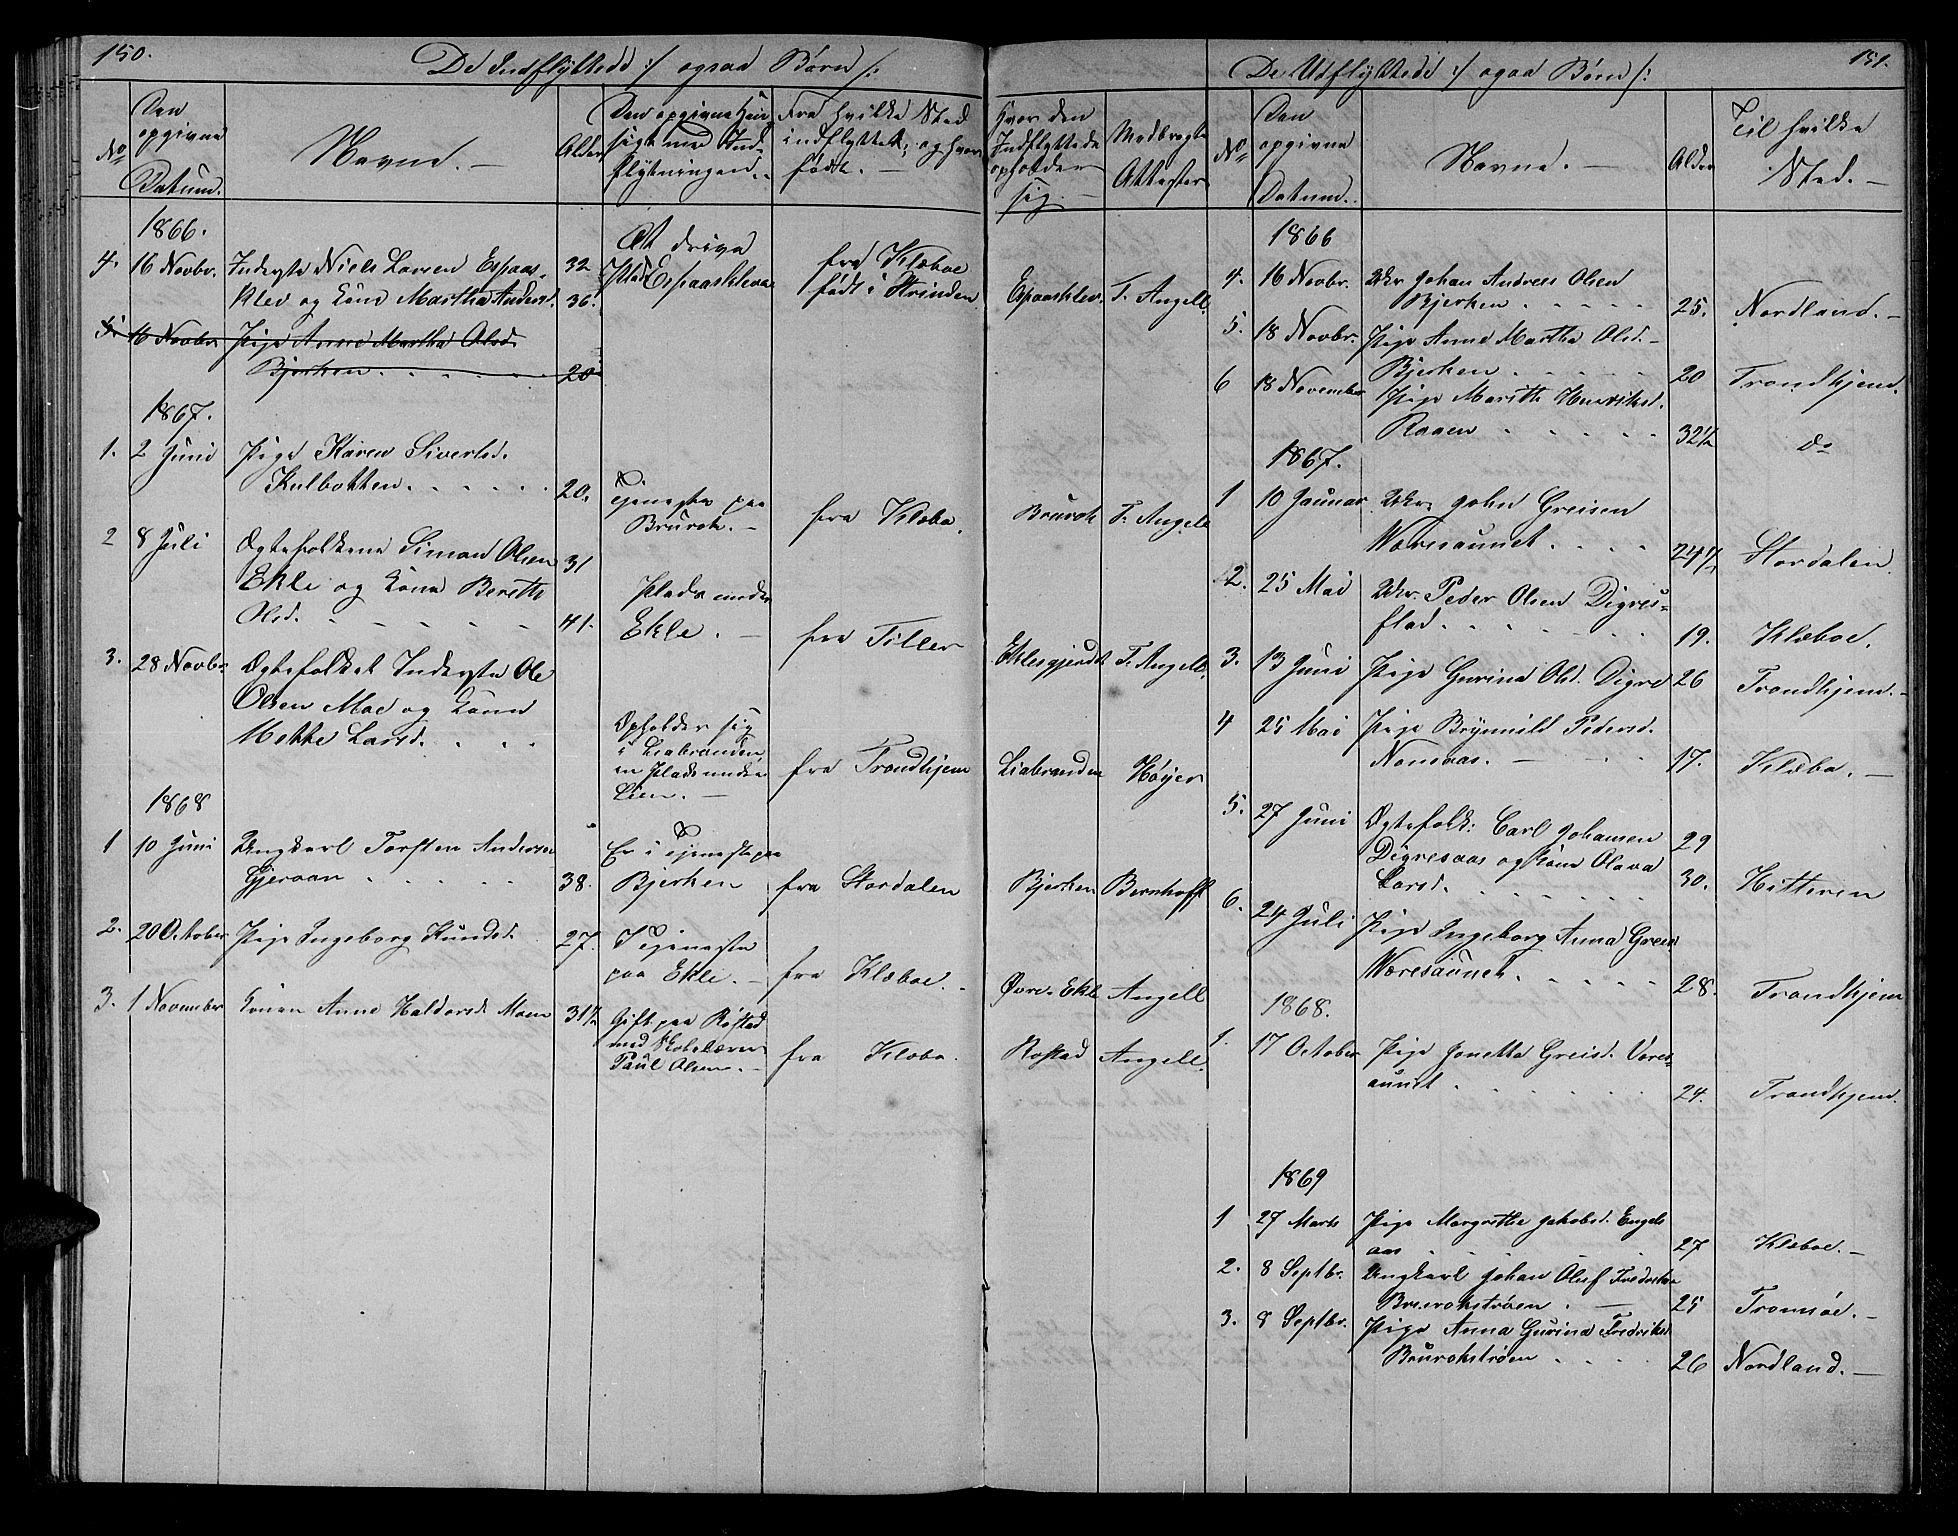 SAT, Ministerialprotokoller, klokkerbøker og fødselsregistre - Sør-Trøndelag, 608/L0340: Klokkerbok nr. 608C06, 1864-1889, s. 150-151